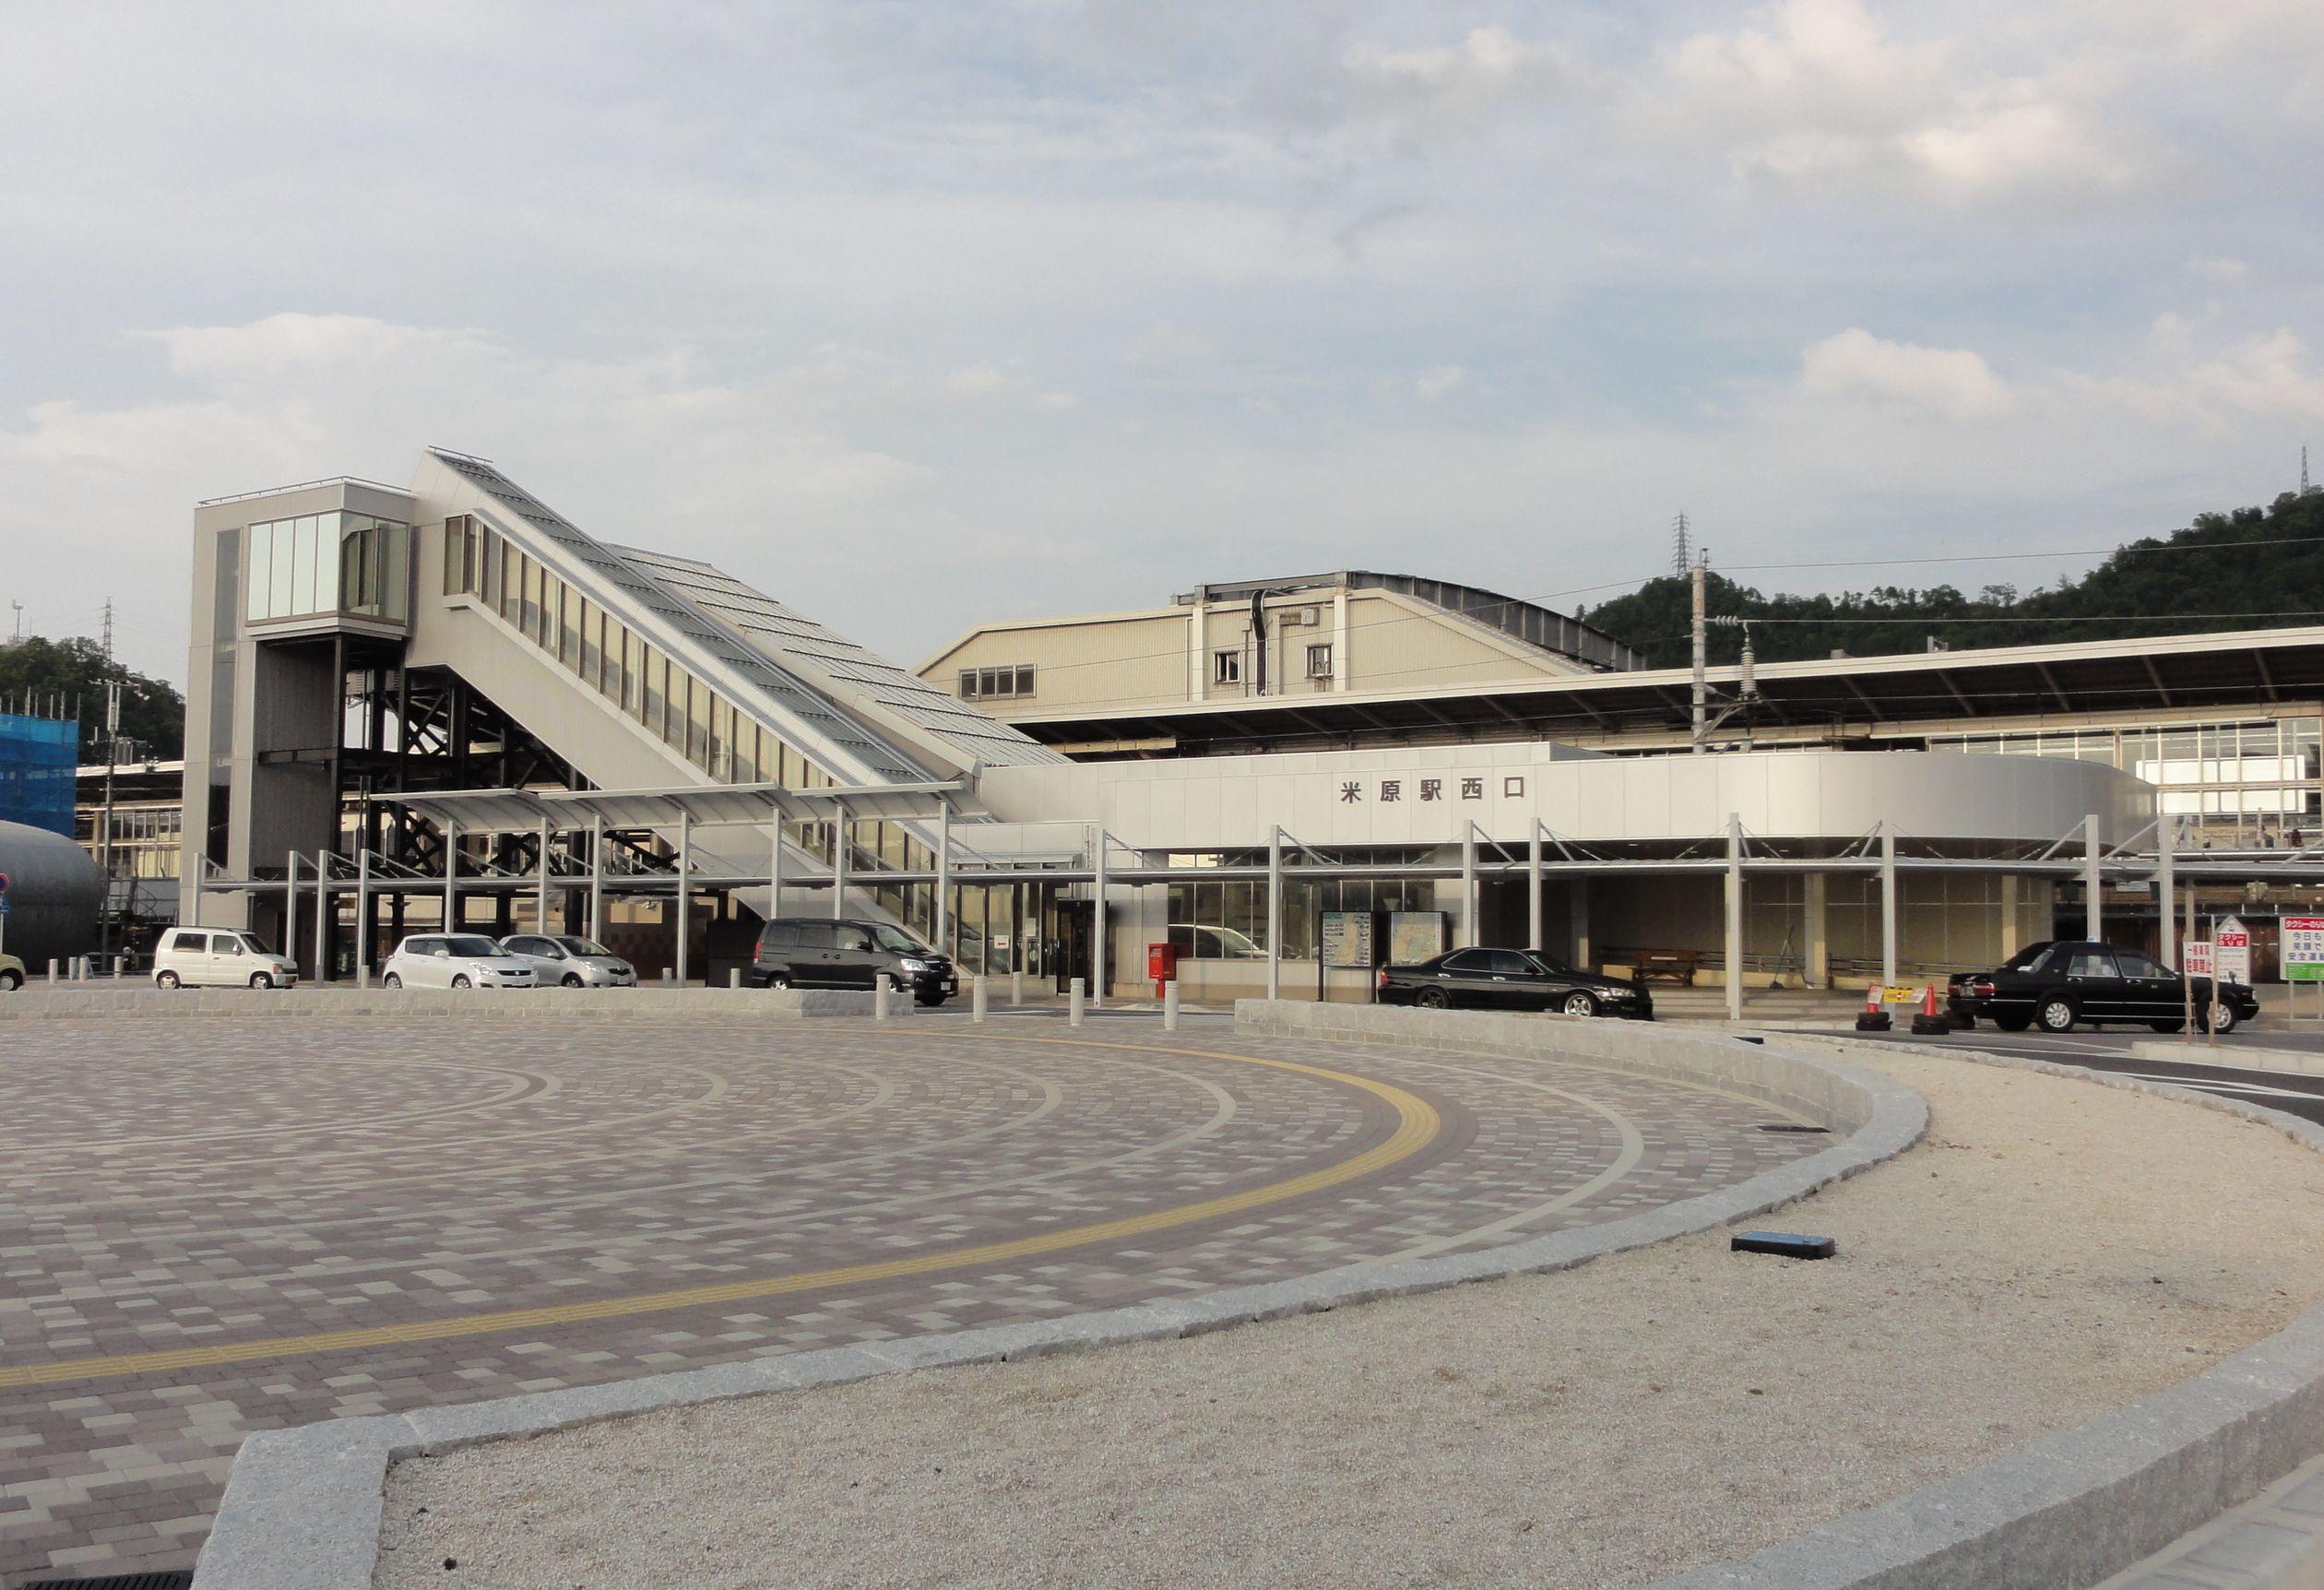 交通マニアの俺が全国の新幹線の駅と主要空港を格付けしたぞ!!!!!!!!!!!!!!! [無断転載禁止]©2ch.net ->画像>185枚